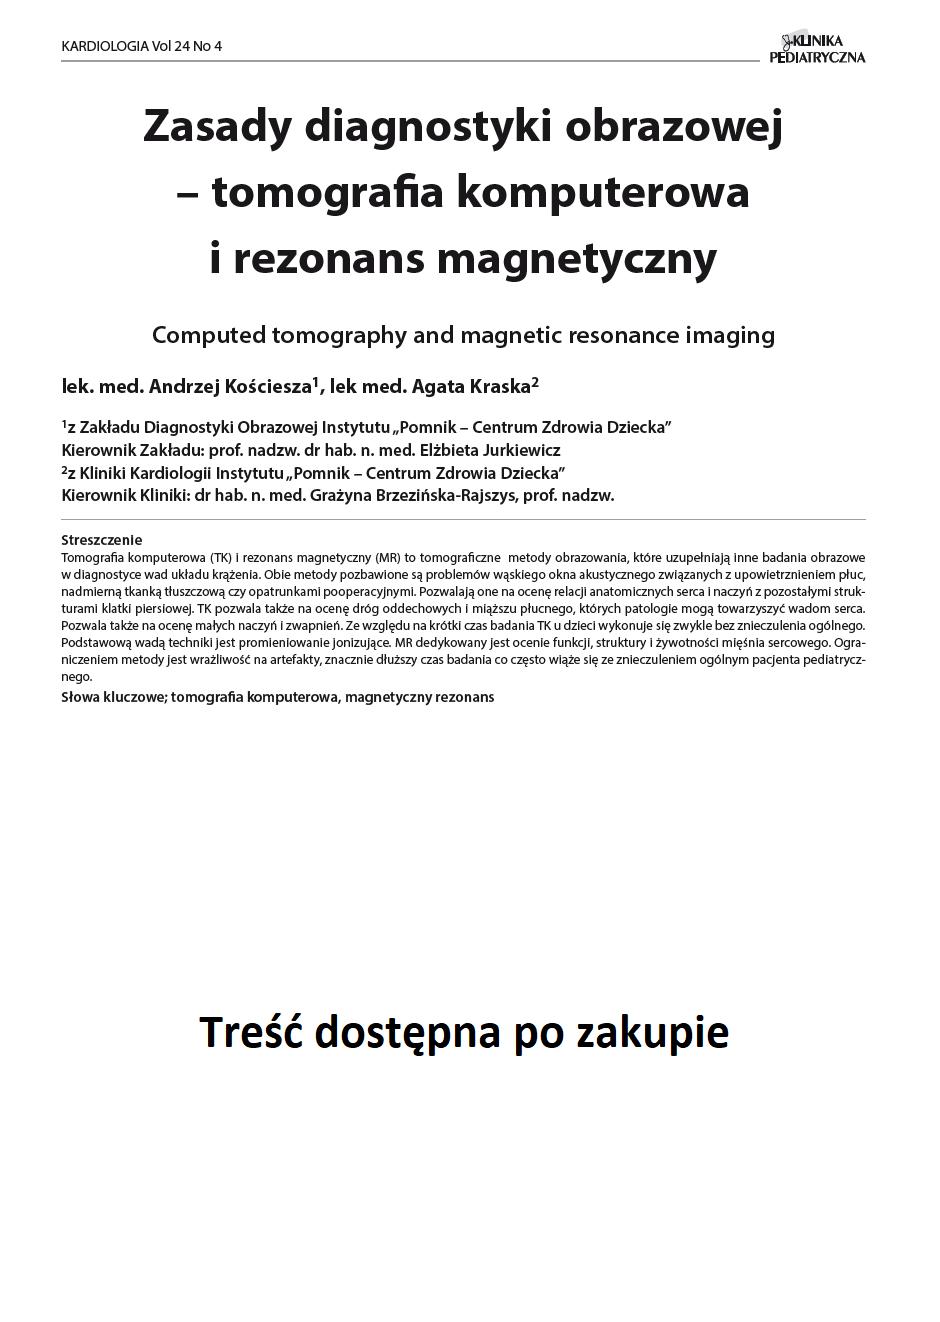 KP 4 -2016- Zasady diagnostyki obrazowej – tomografia komputerowa i rezonans magnetyczny